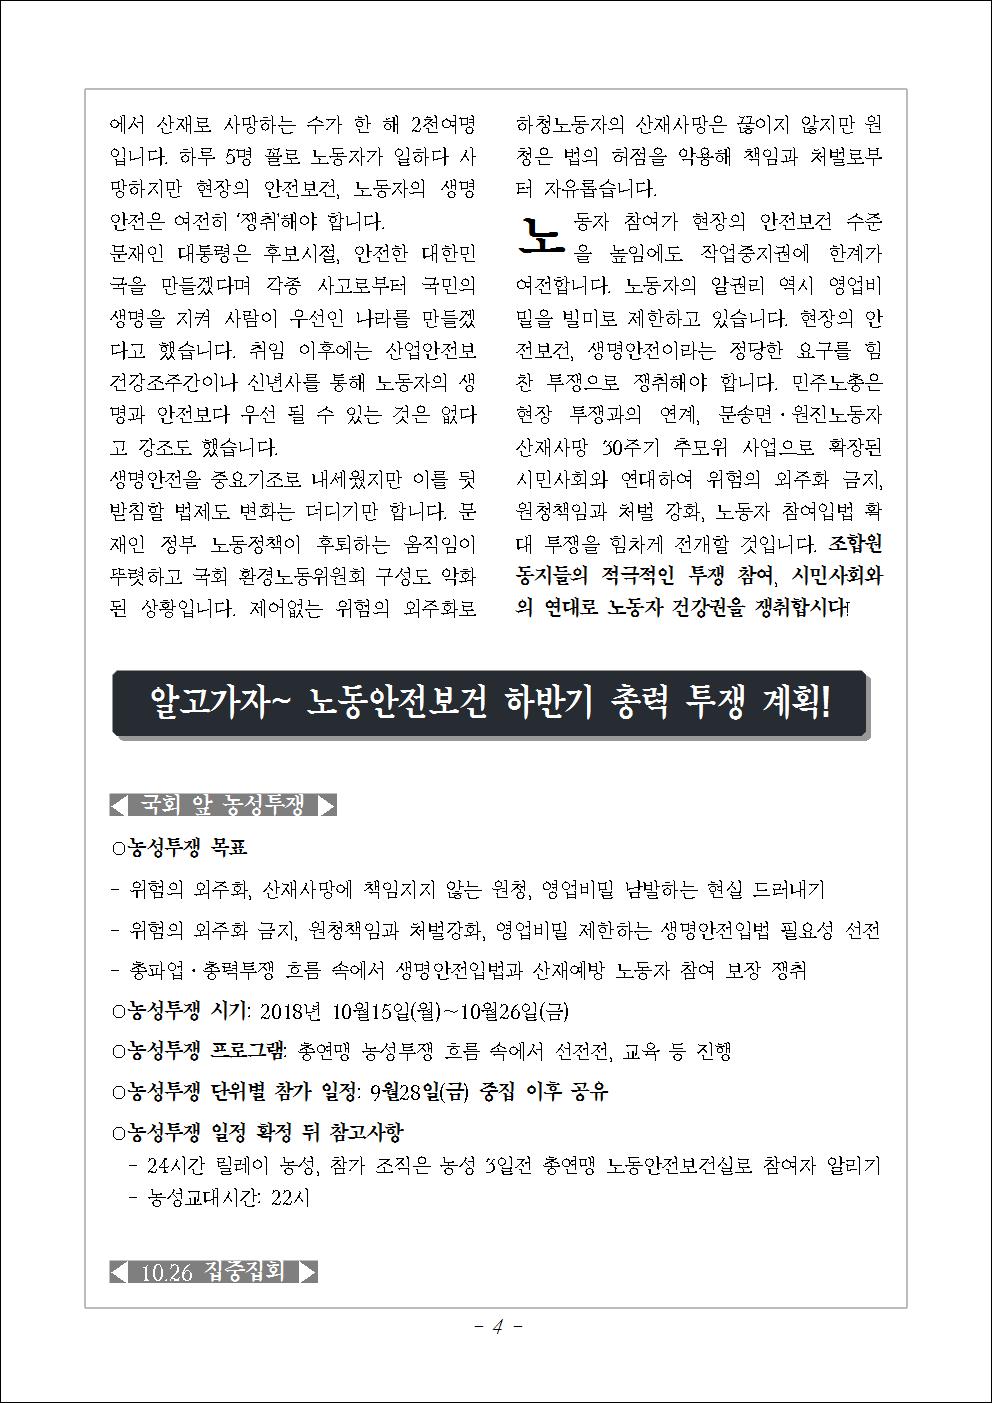 교육지_01호_004.png